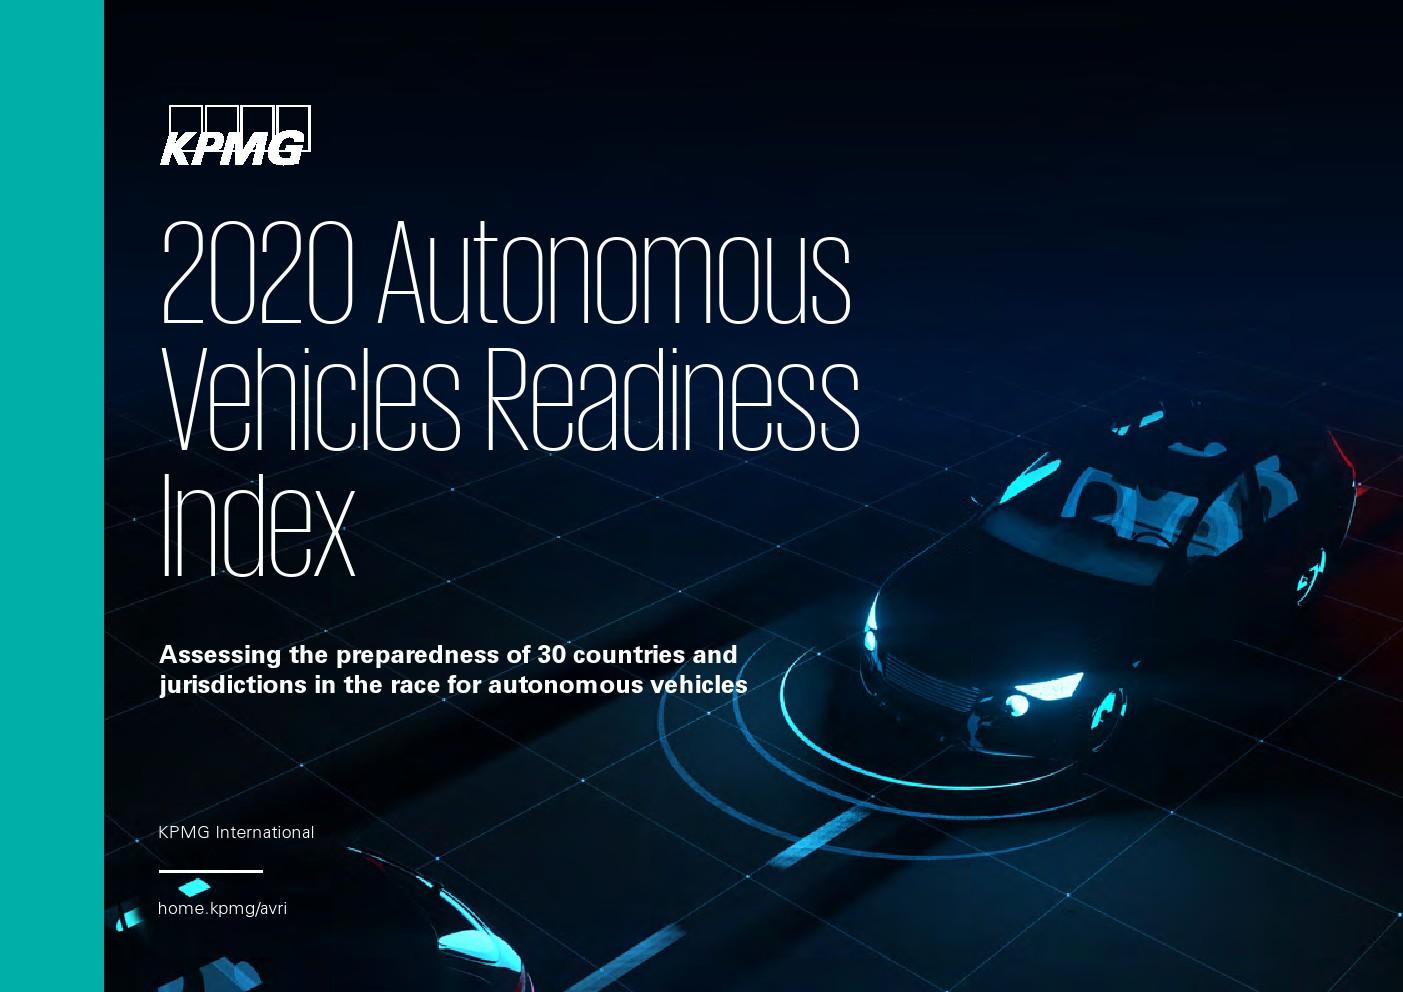 毕马威:2020年自动驾驶汽车成熟度指数